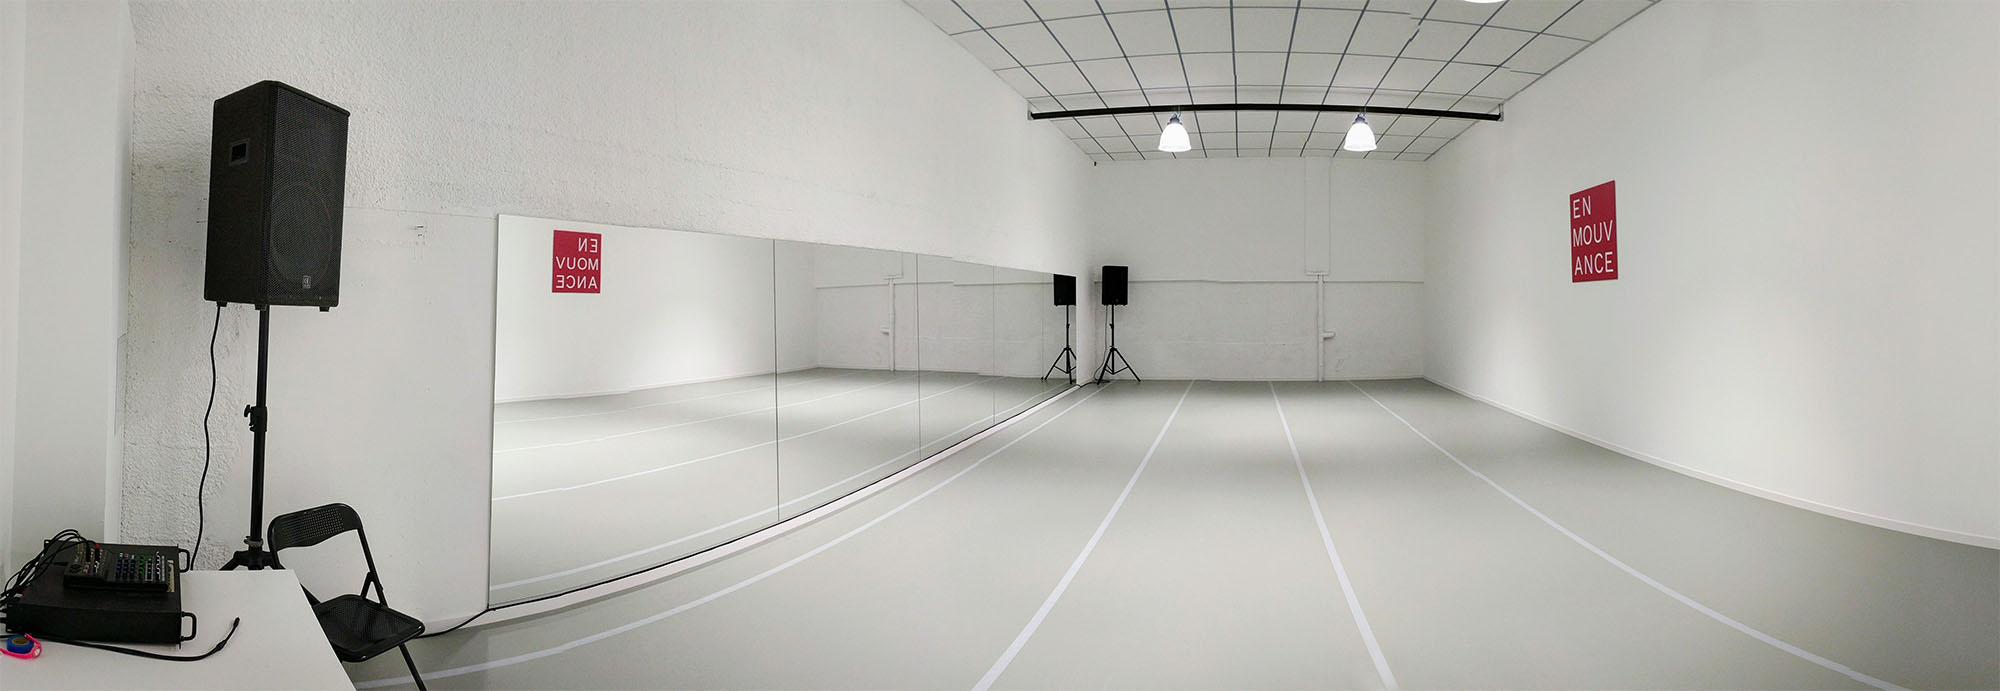 Location de studios - Salle de danse à louer 90m2